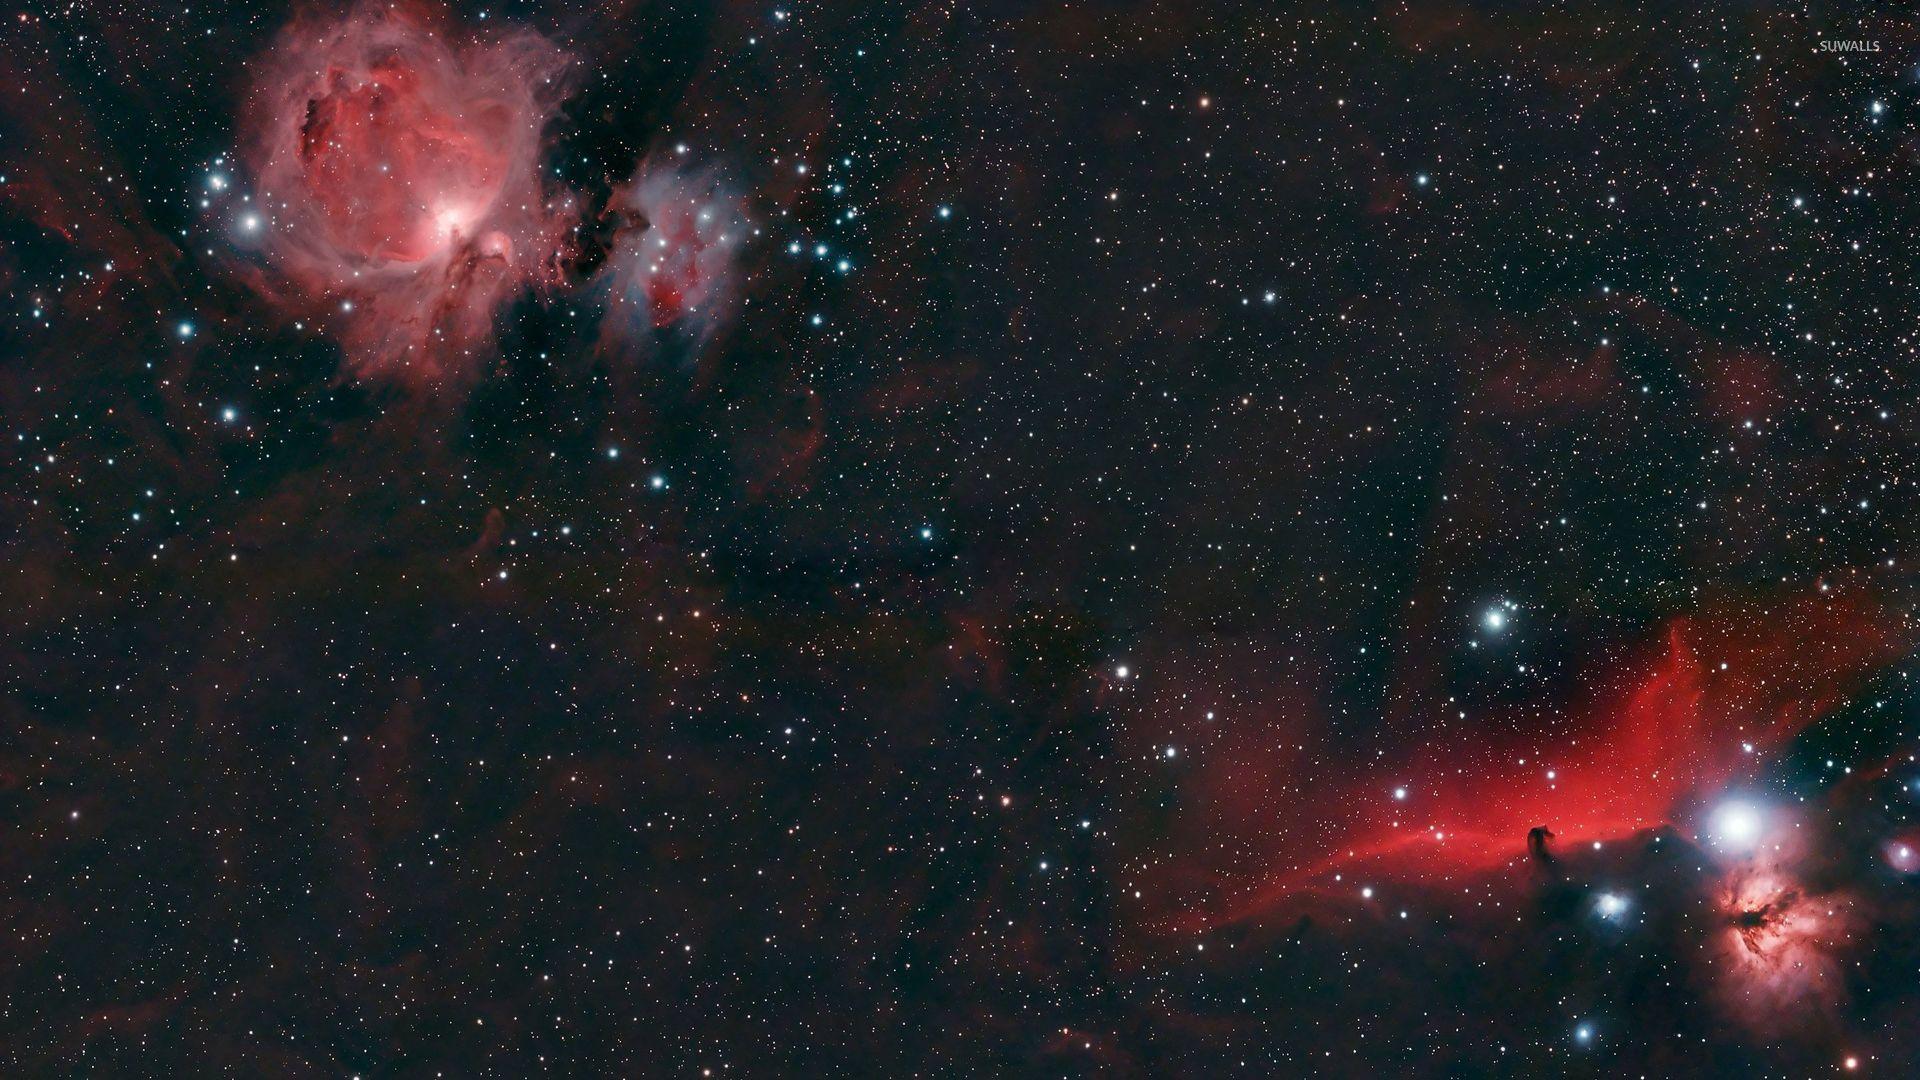 nebula 1920x1080 - photo #43